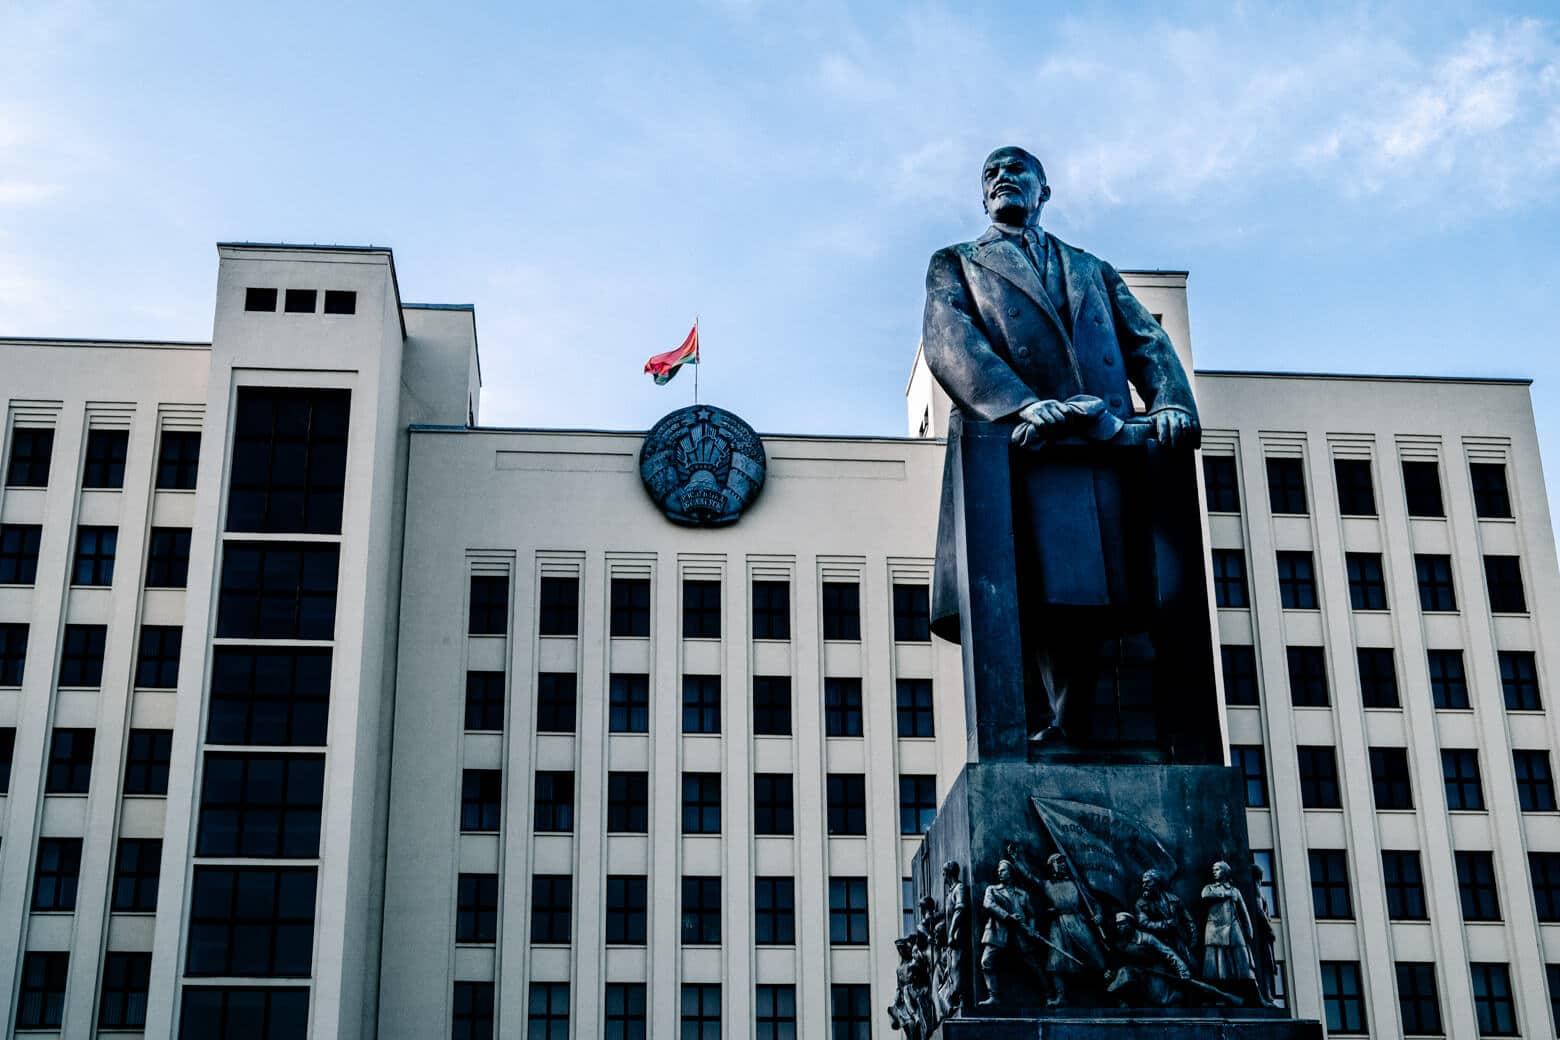 Lenin Monument - Central Minsk